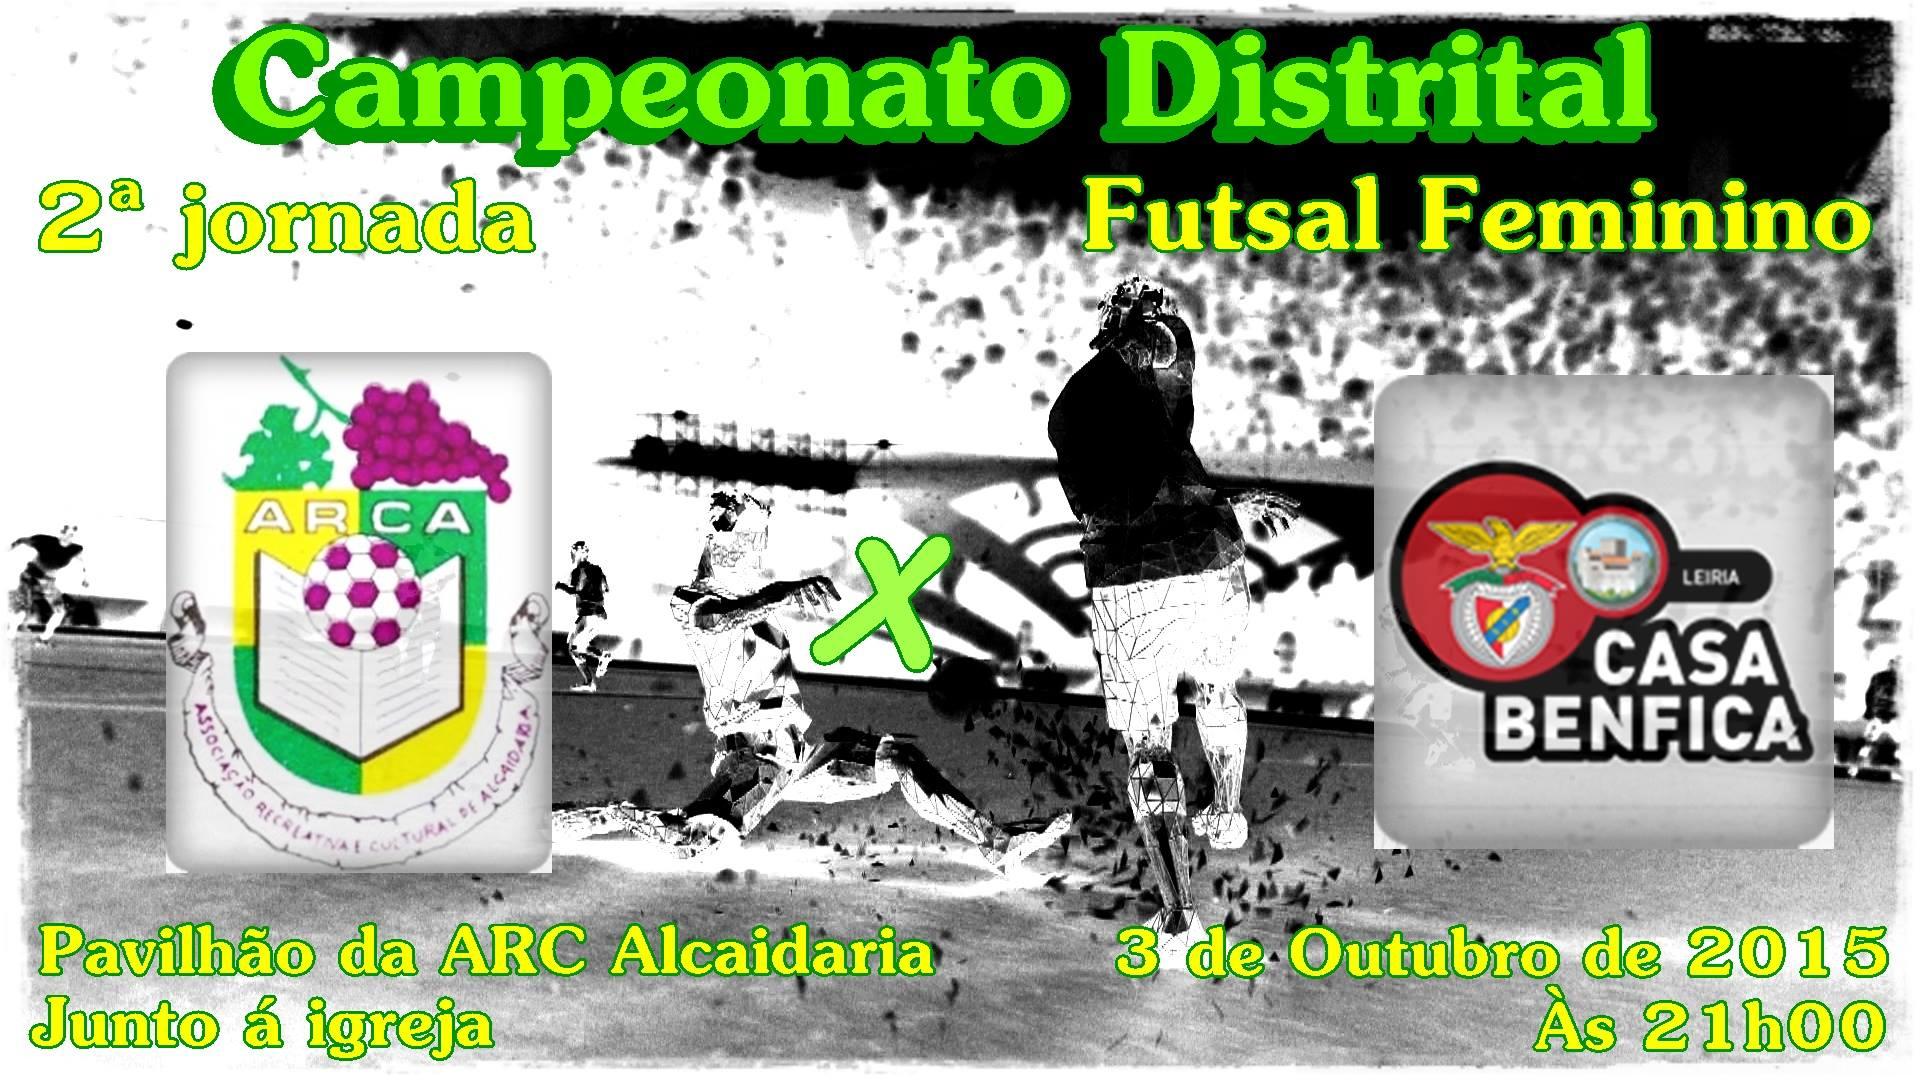 Futsal - Primeiro jogo em casa da temporada 2015/2016